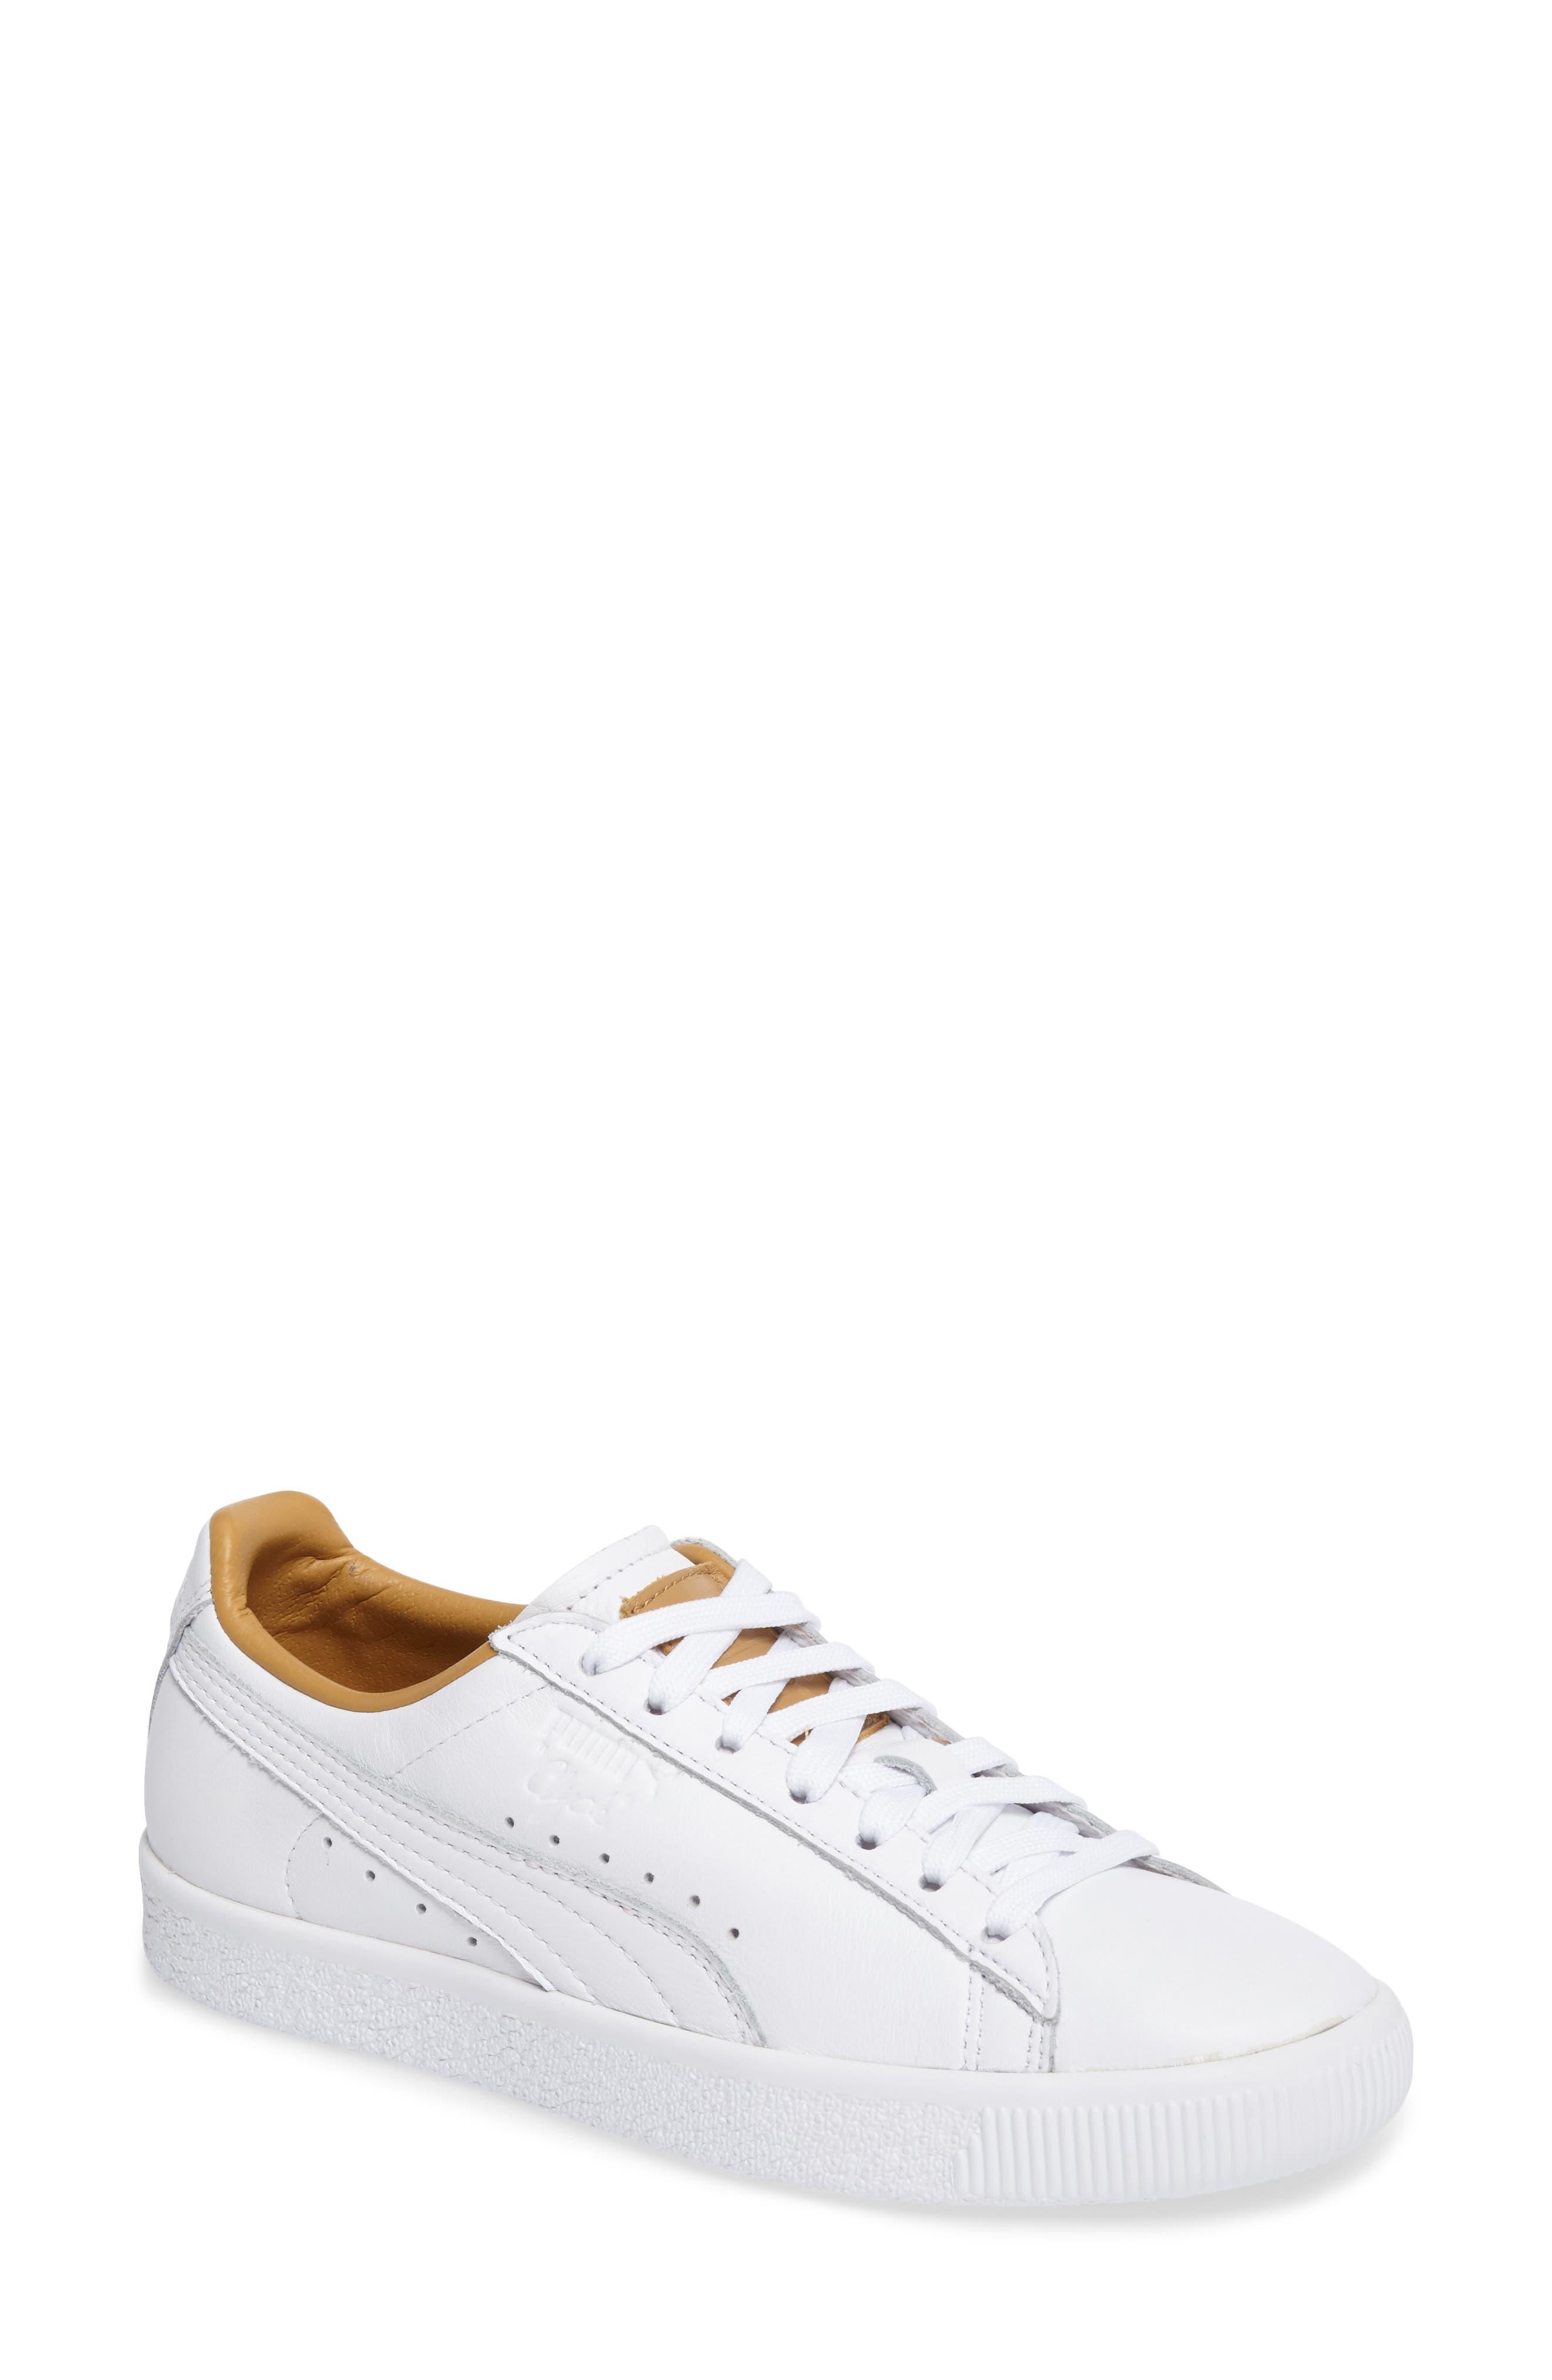 puma beige sneakers